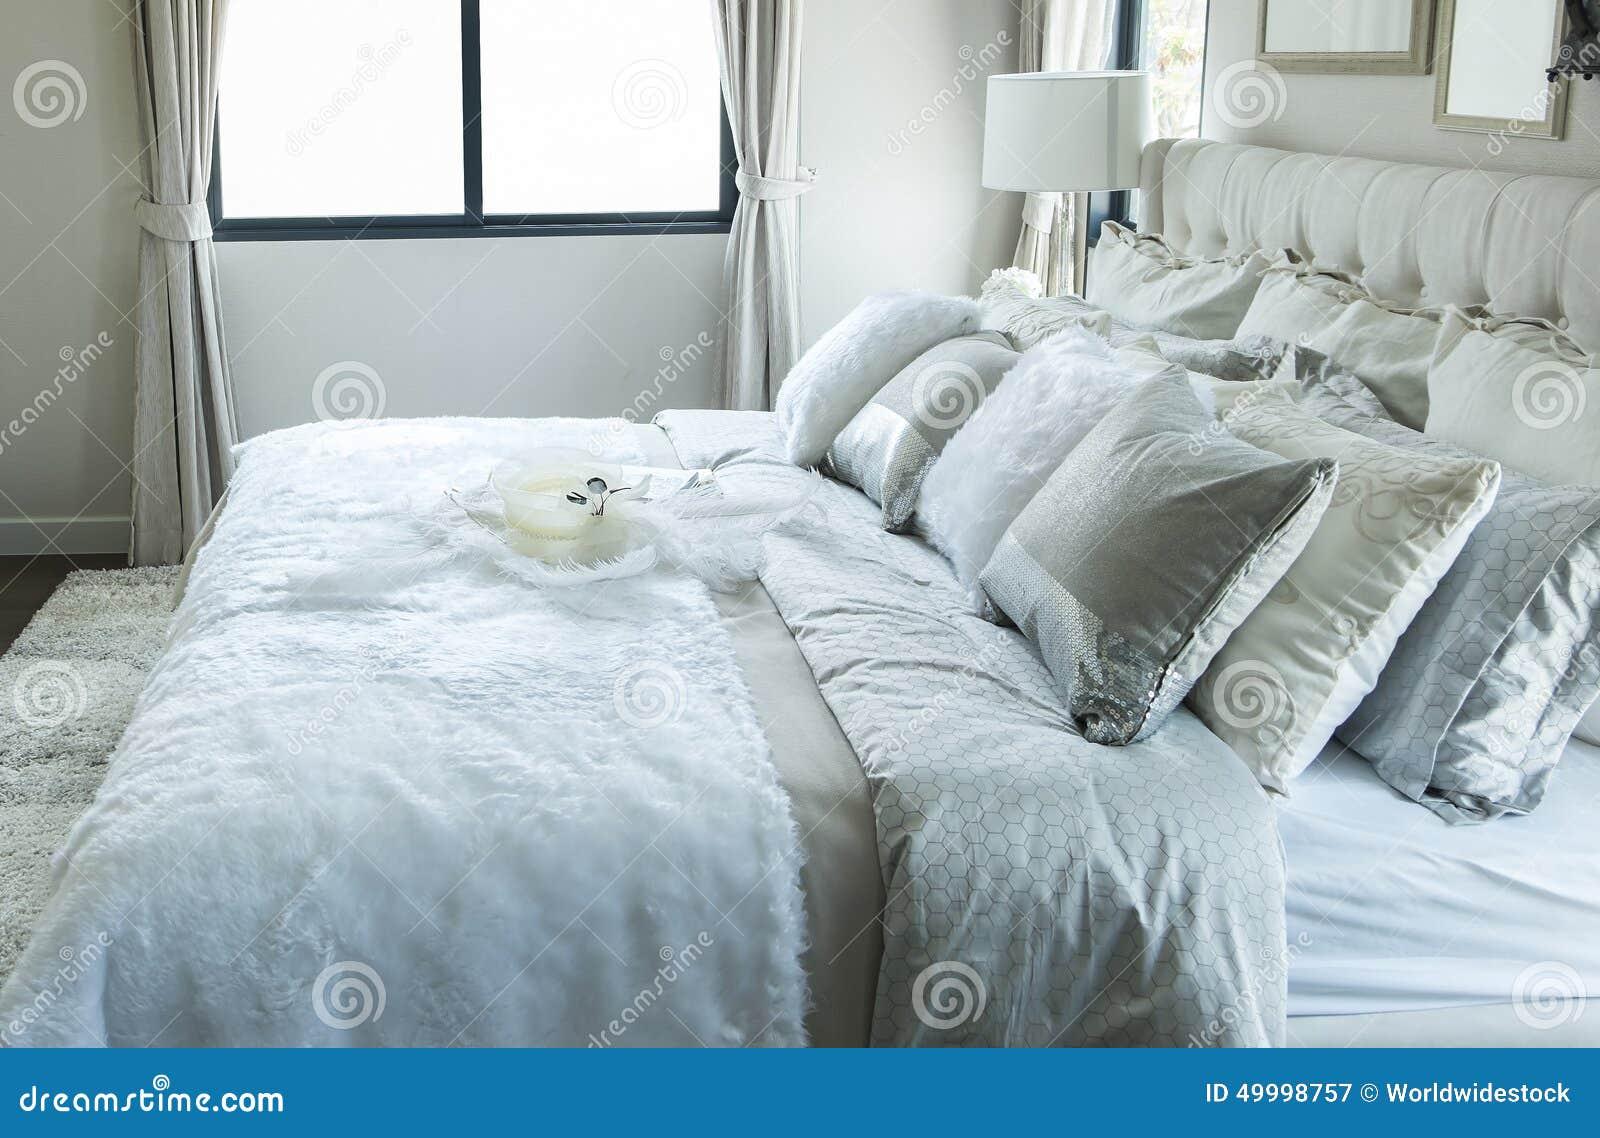 Bett Kissen weiße und graue kissen auf bett stockbild bild zeitgenössisch